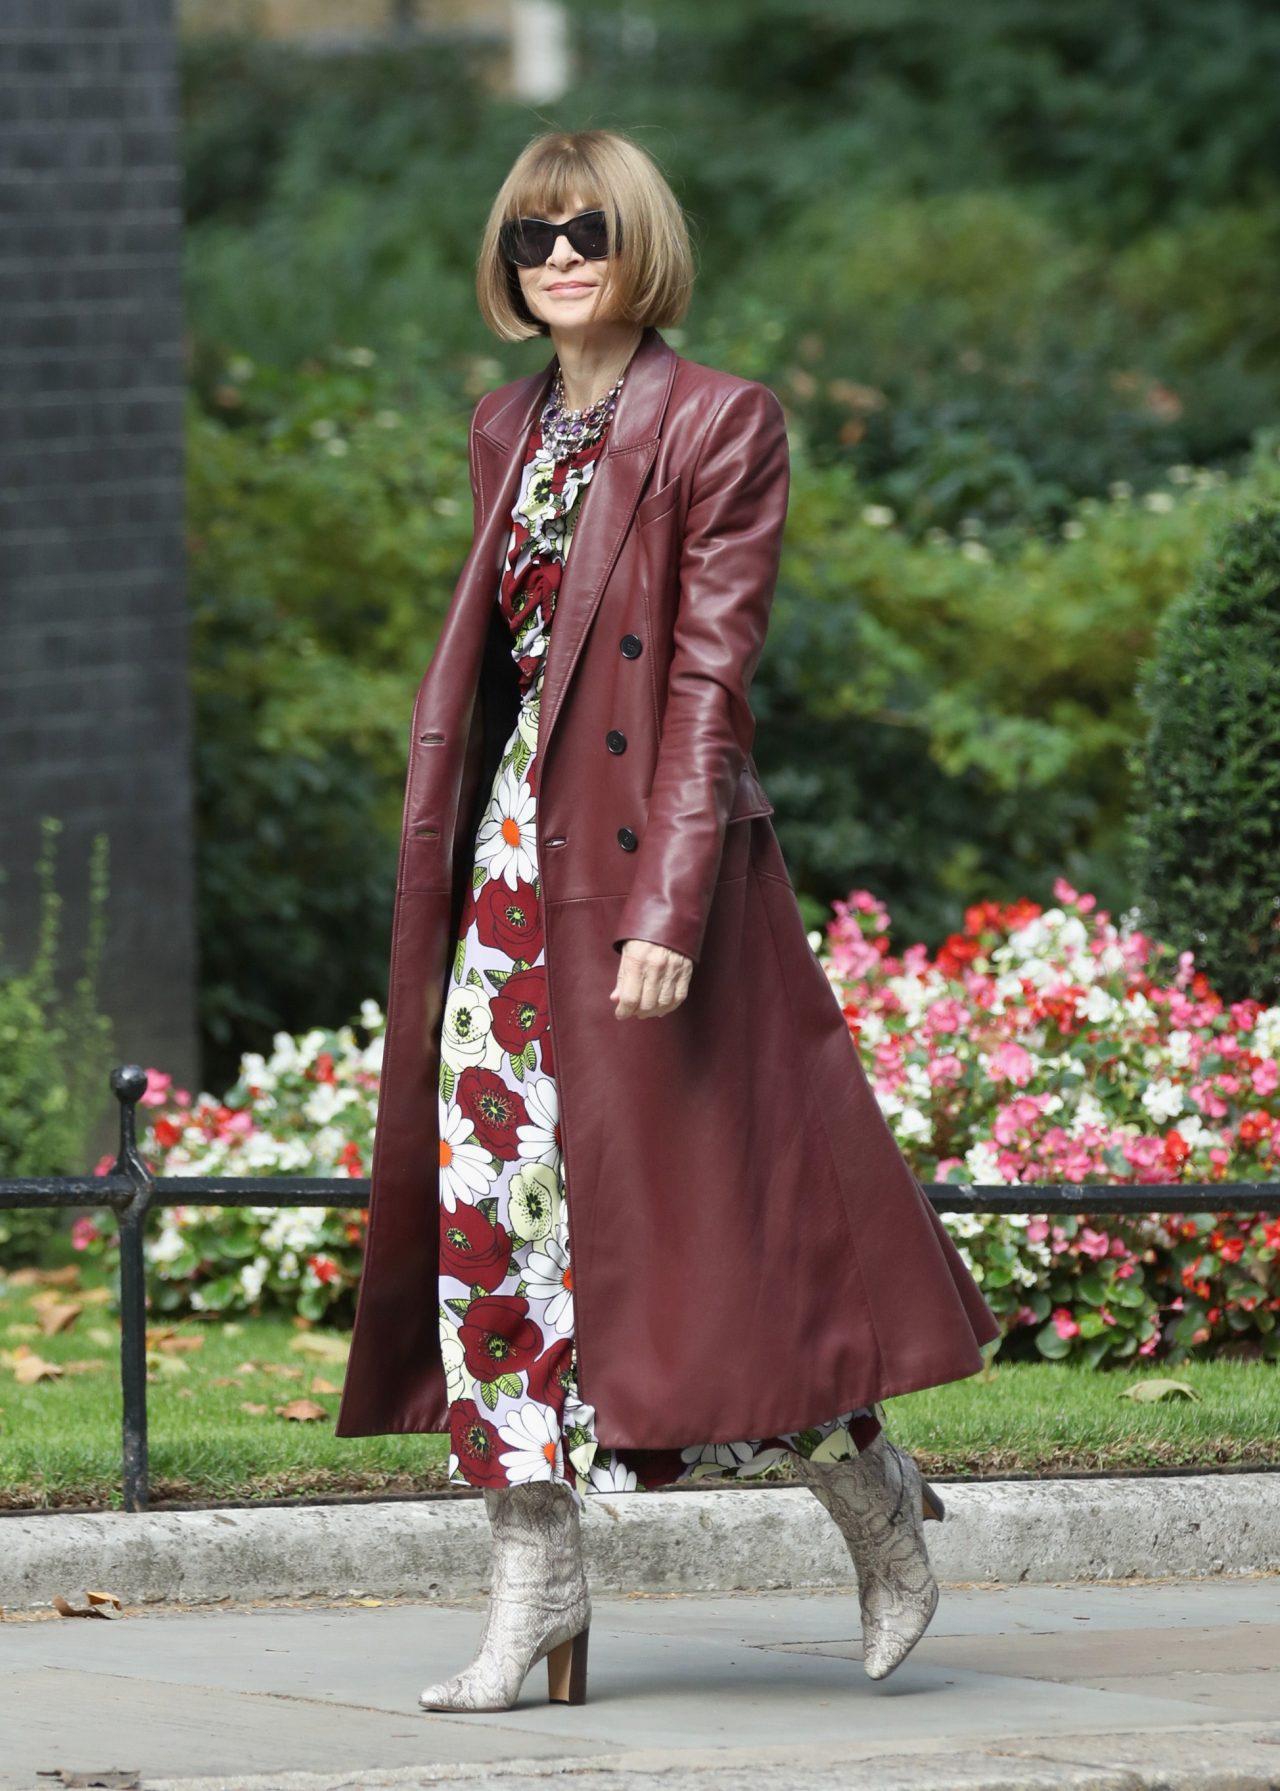 phong cách thời trang của anna wintour - áo khoác dáng dài màu đỏ và kính mắt đen